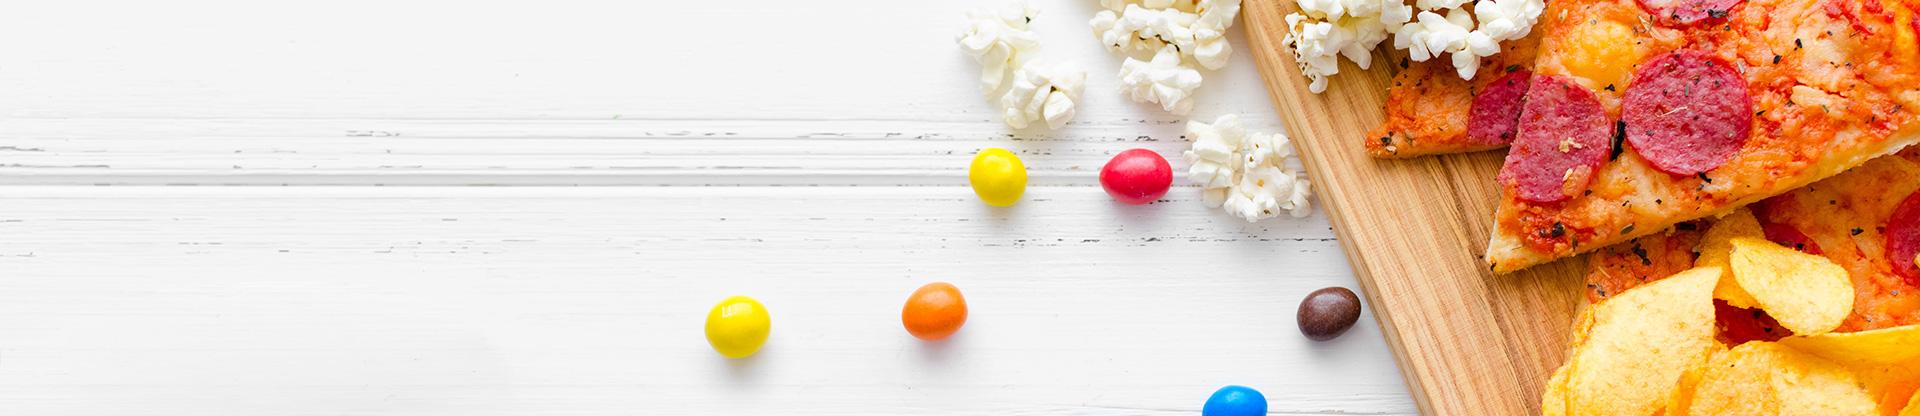 Fett- & Zuckersensor